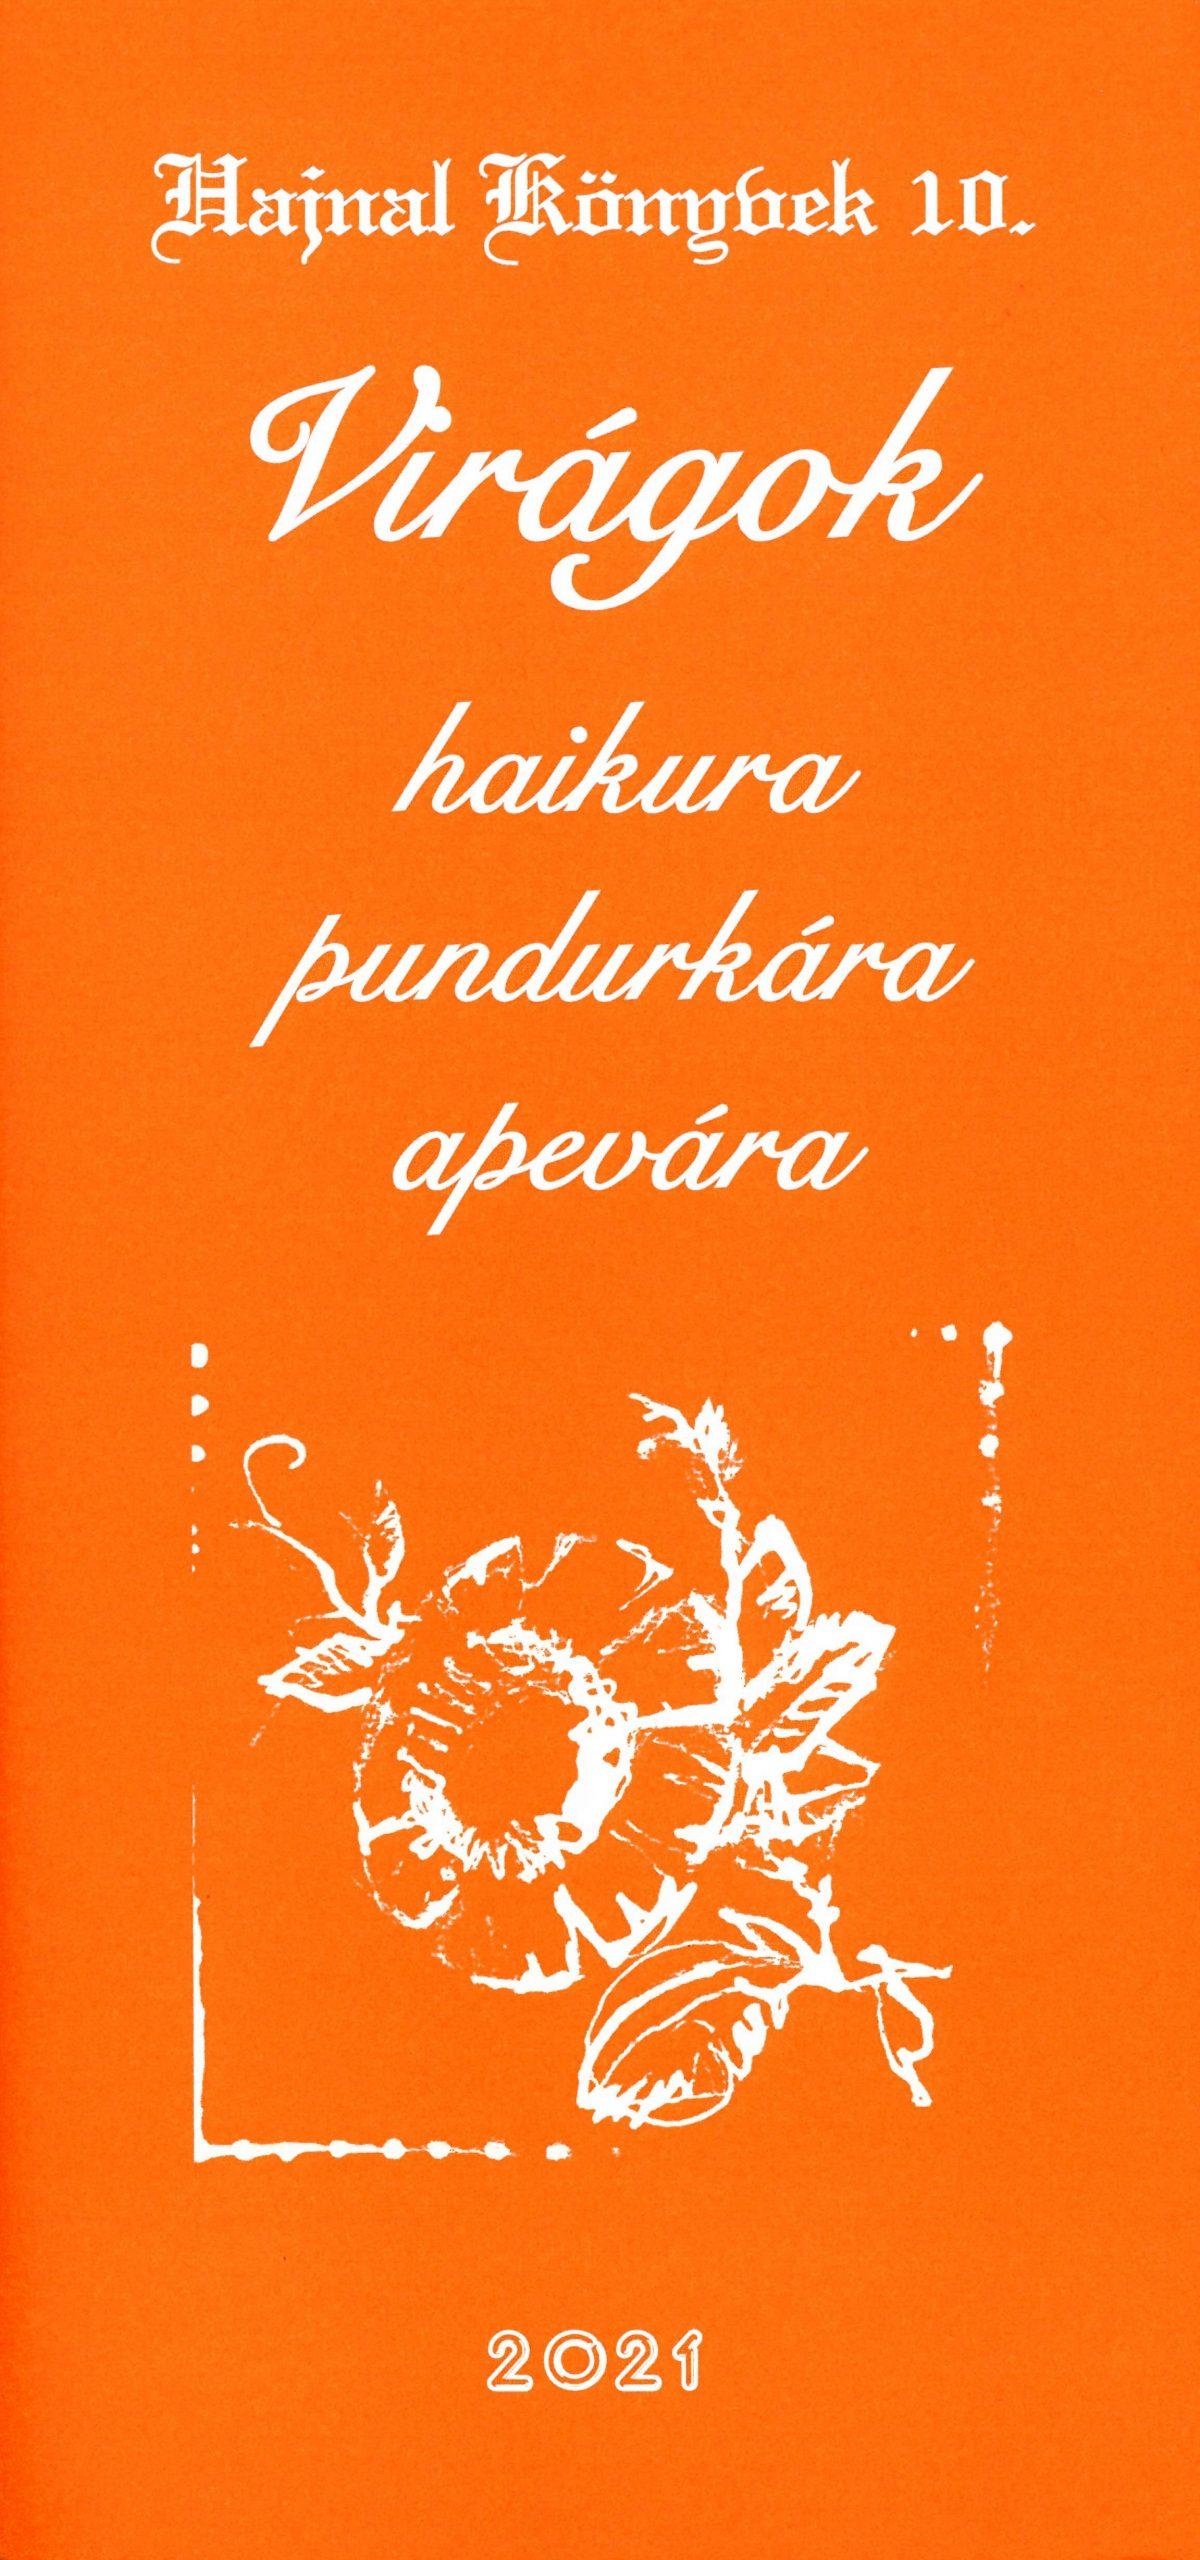 Virágok haikura, pundurkára, apevára